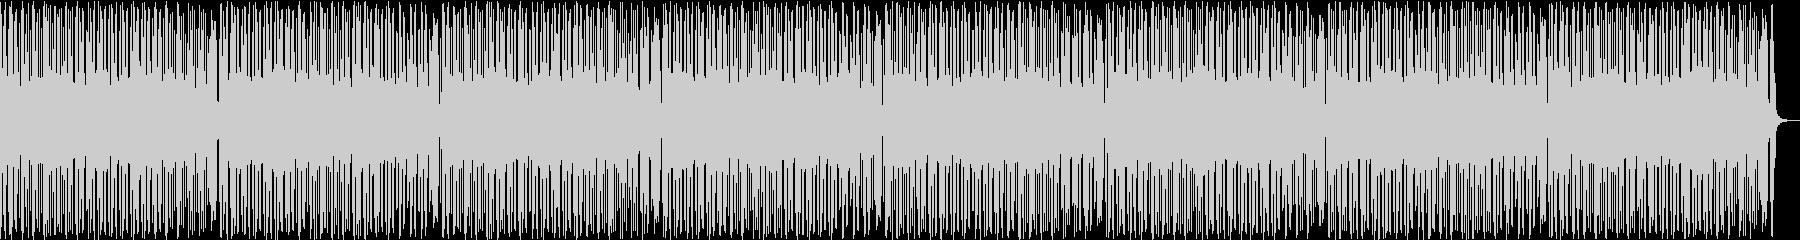 おしゃれでクールなファンキーBGMの未再生の波形